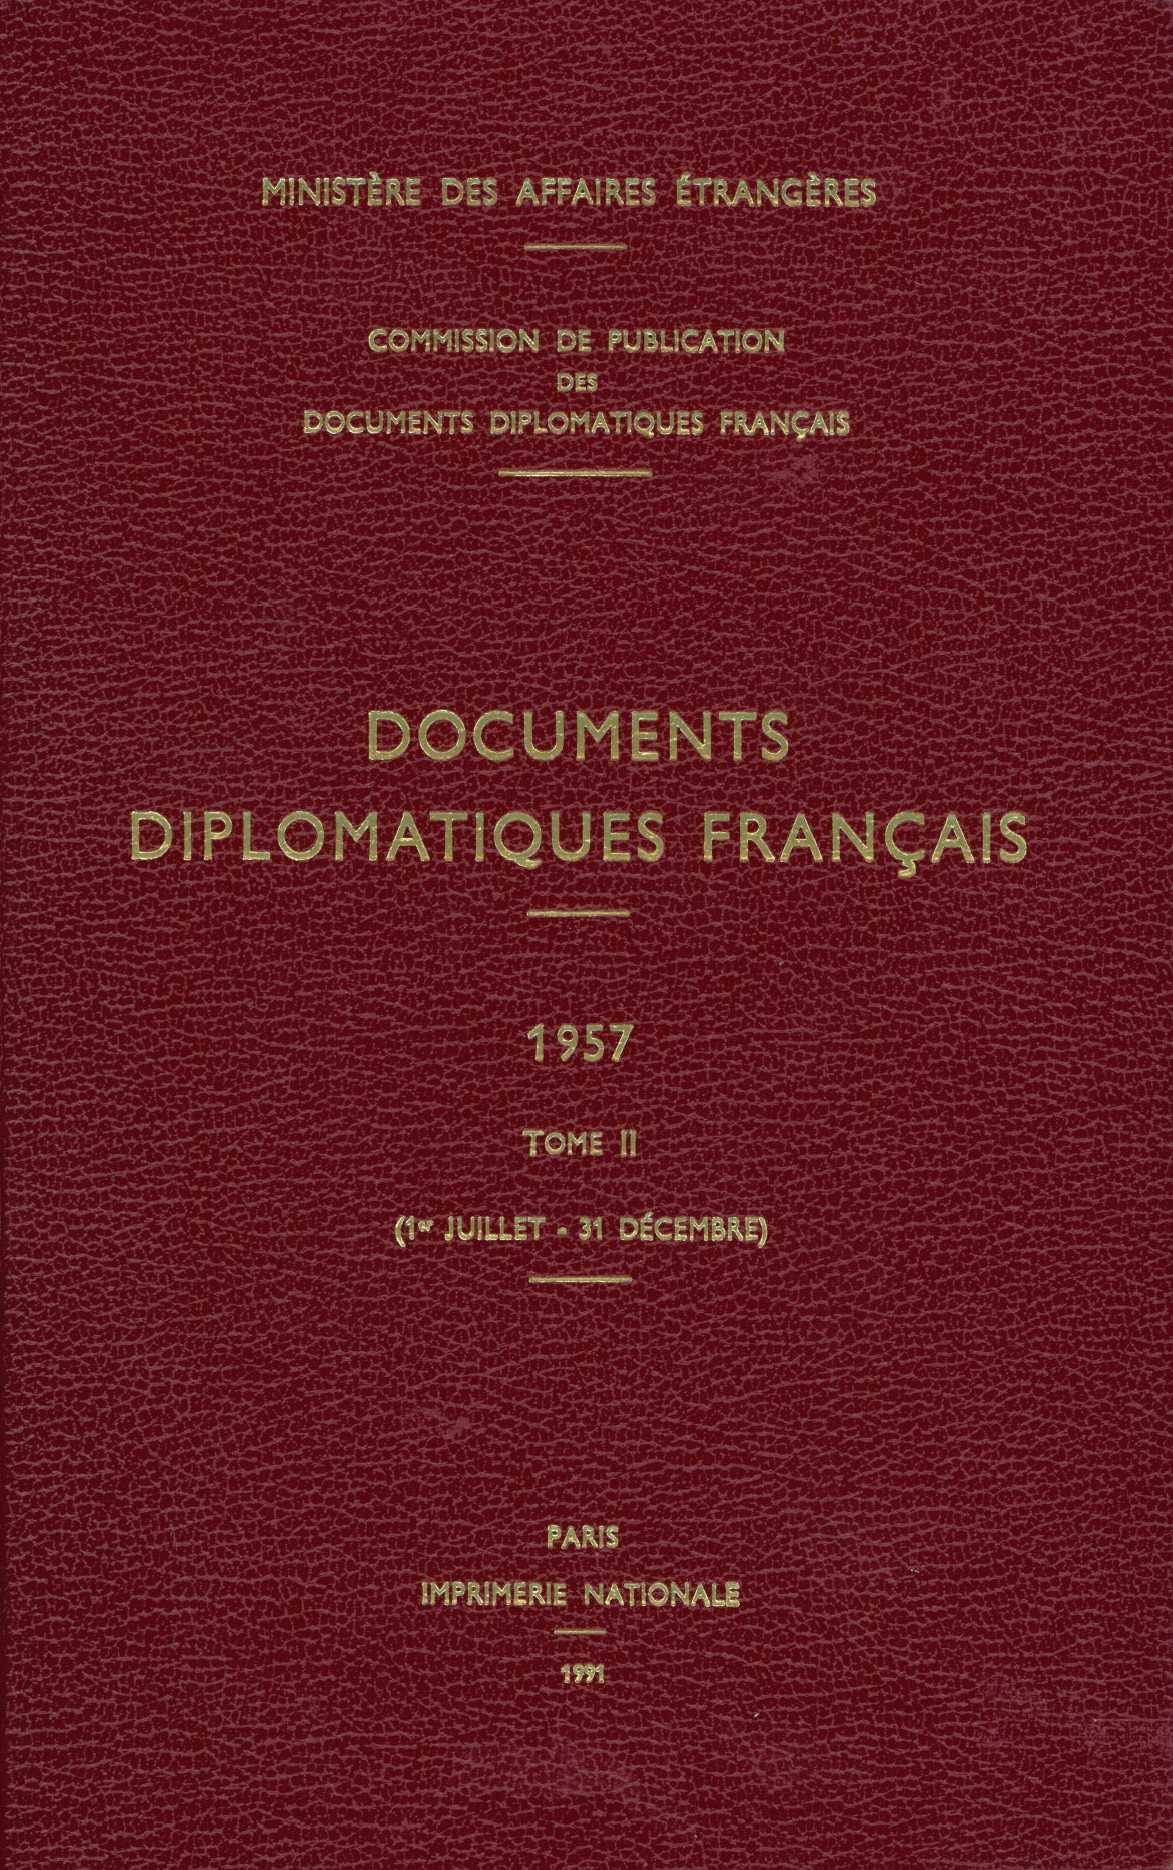 DOCUMENTS DIPLOMATIQUES FRANCAIS - 1957 - TOME II (1ER JUILLET - 31 DECEMBRE)